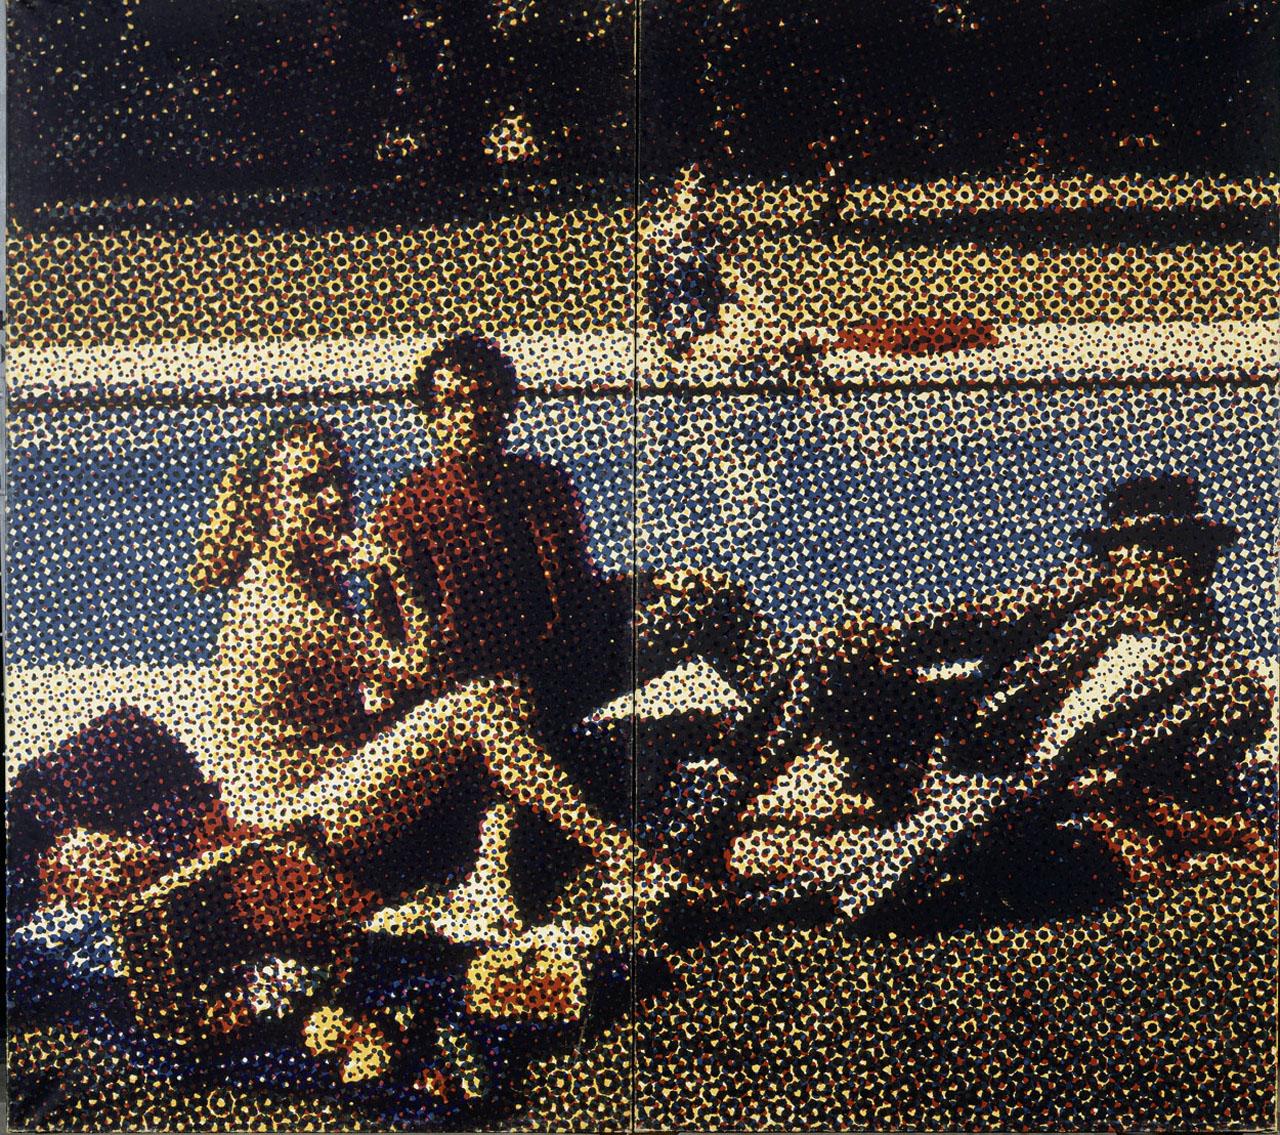 """Alain Jacquet, """"Le déjeuner sur l herbe"""" (1964) (courtesy the Centre Pompidou, © Adagp Paris 2015)"""